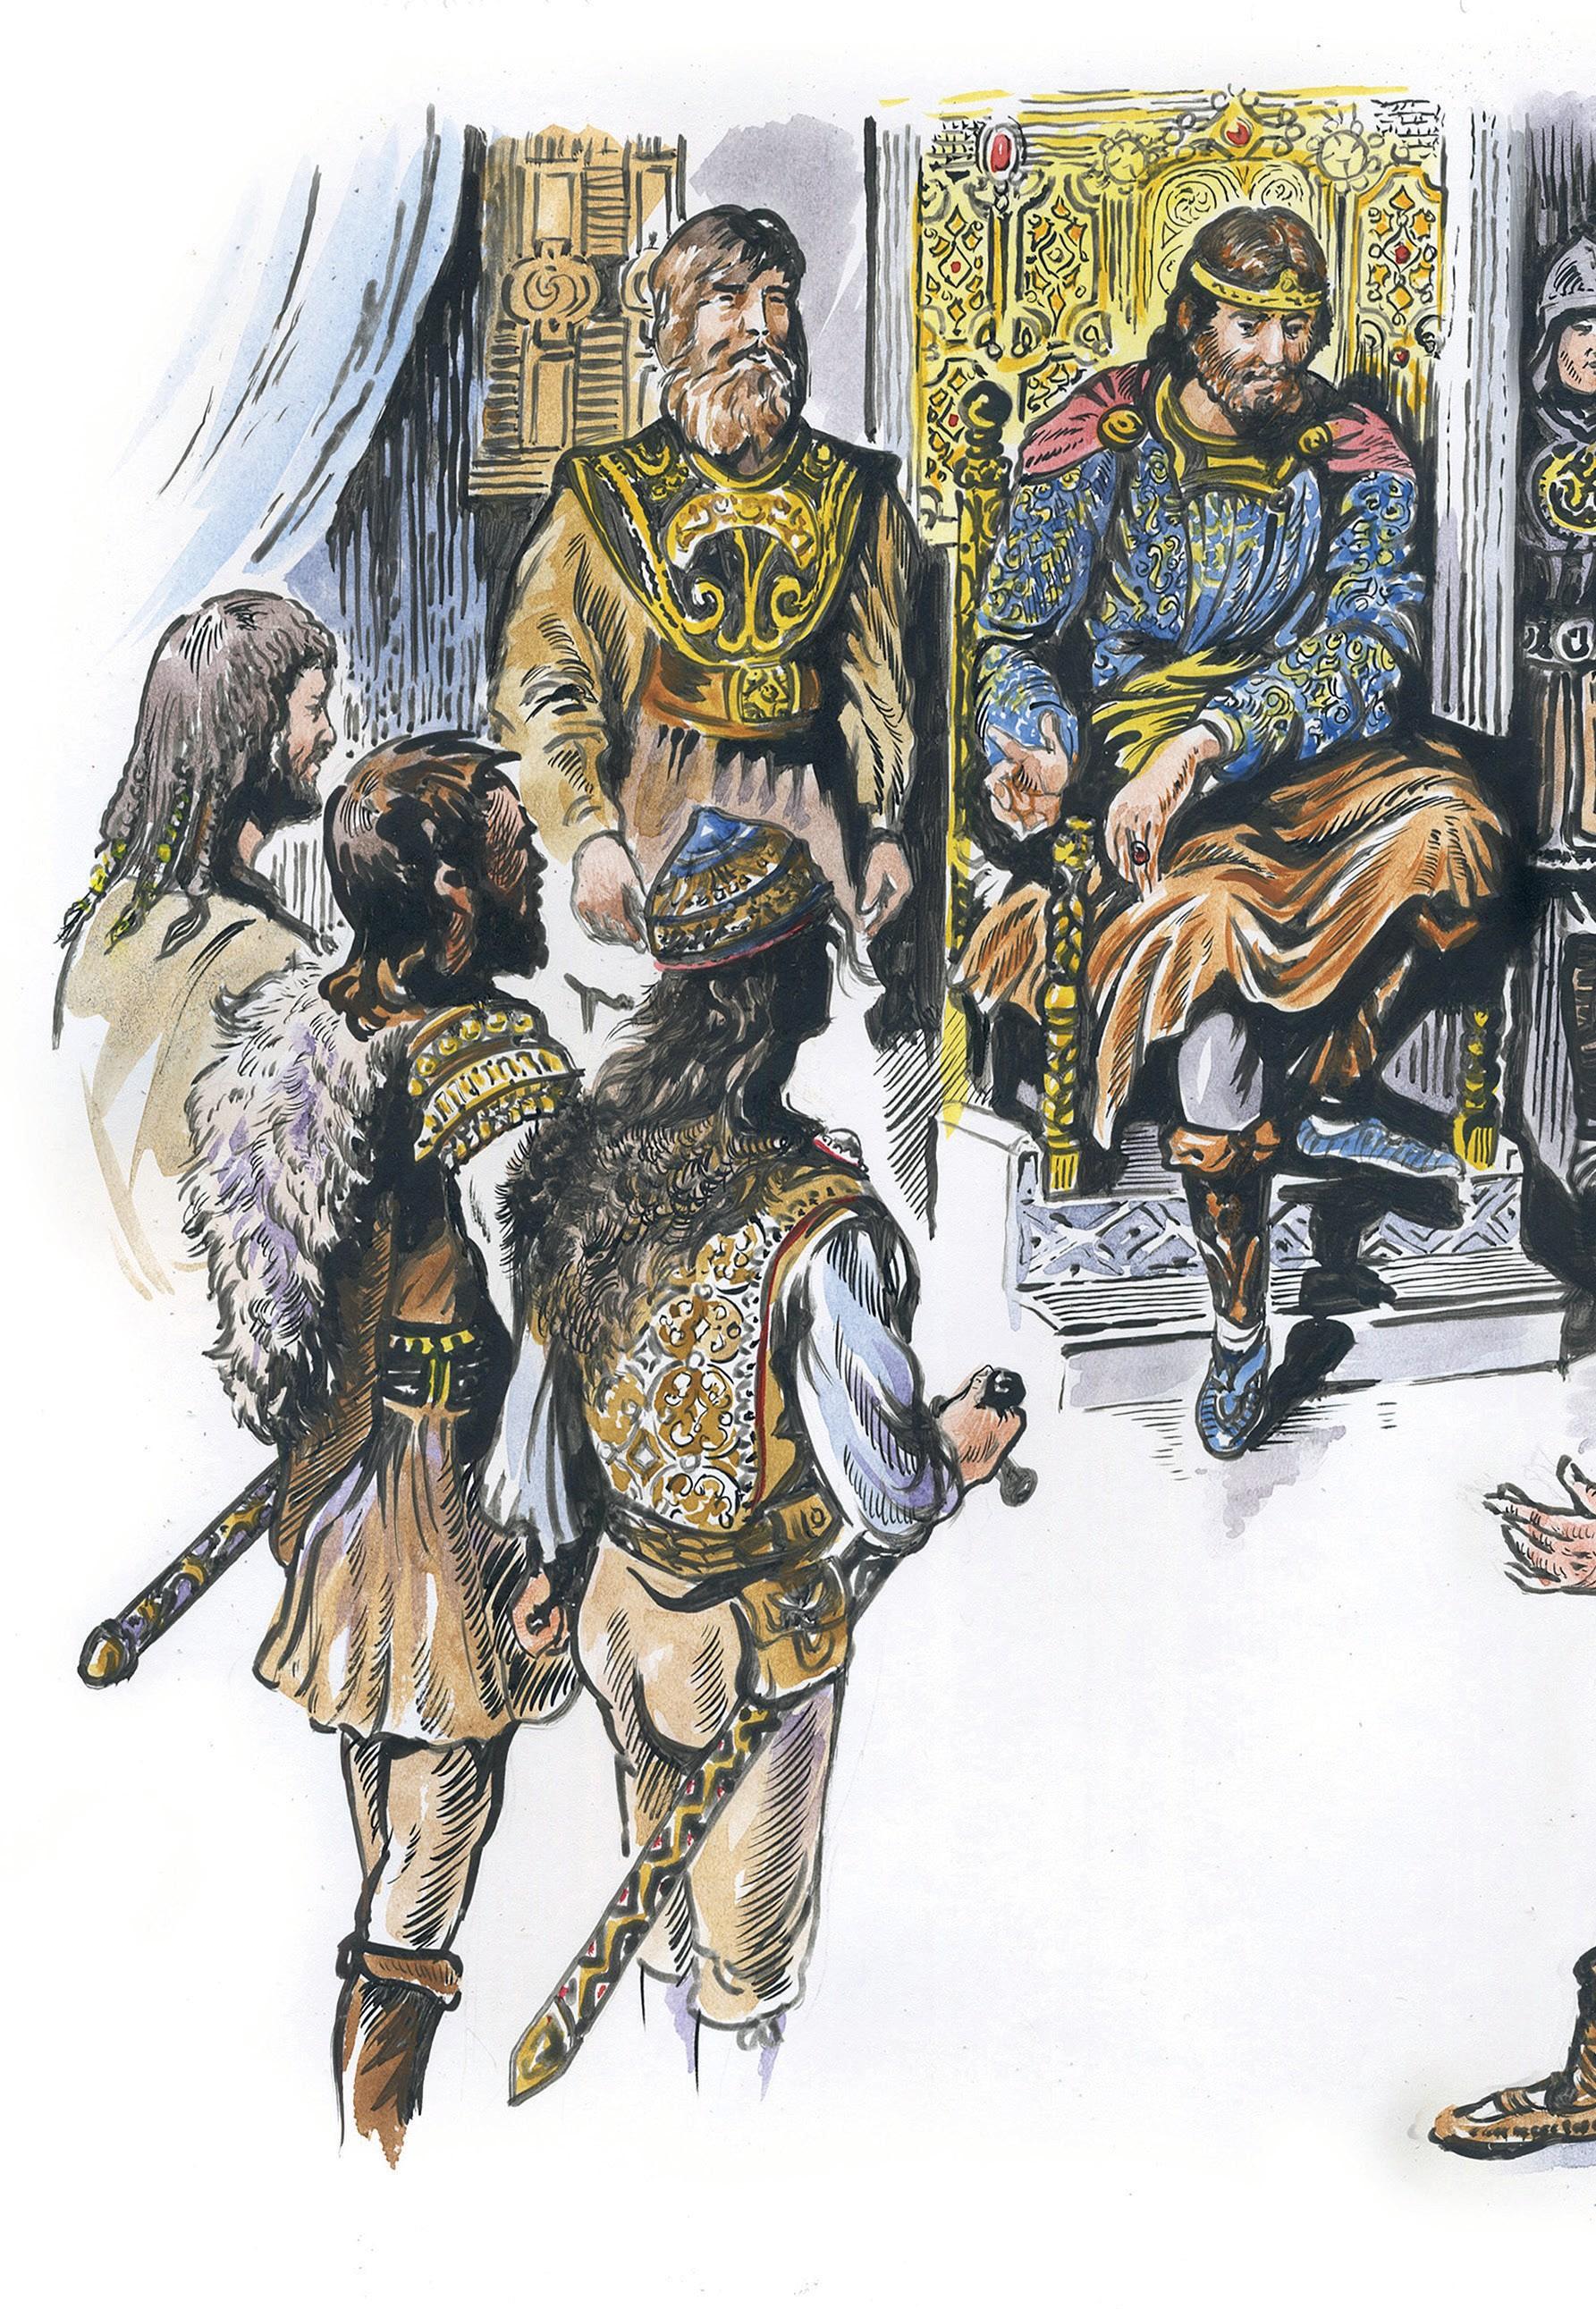 Knihu Tajomstvo zoborského kláštora od Františka Rábeka dopĺňajú ilustrácie Martina Oscitého. / Zdroj: Ikar